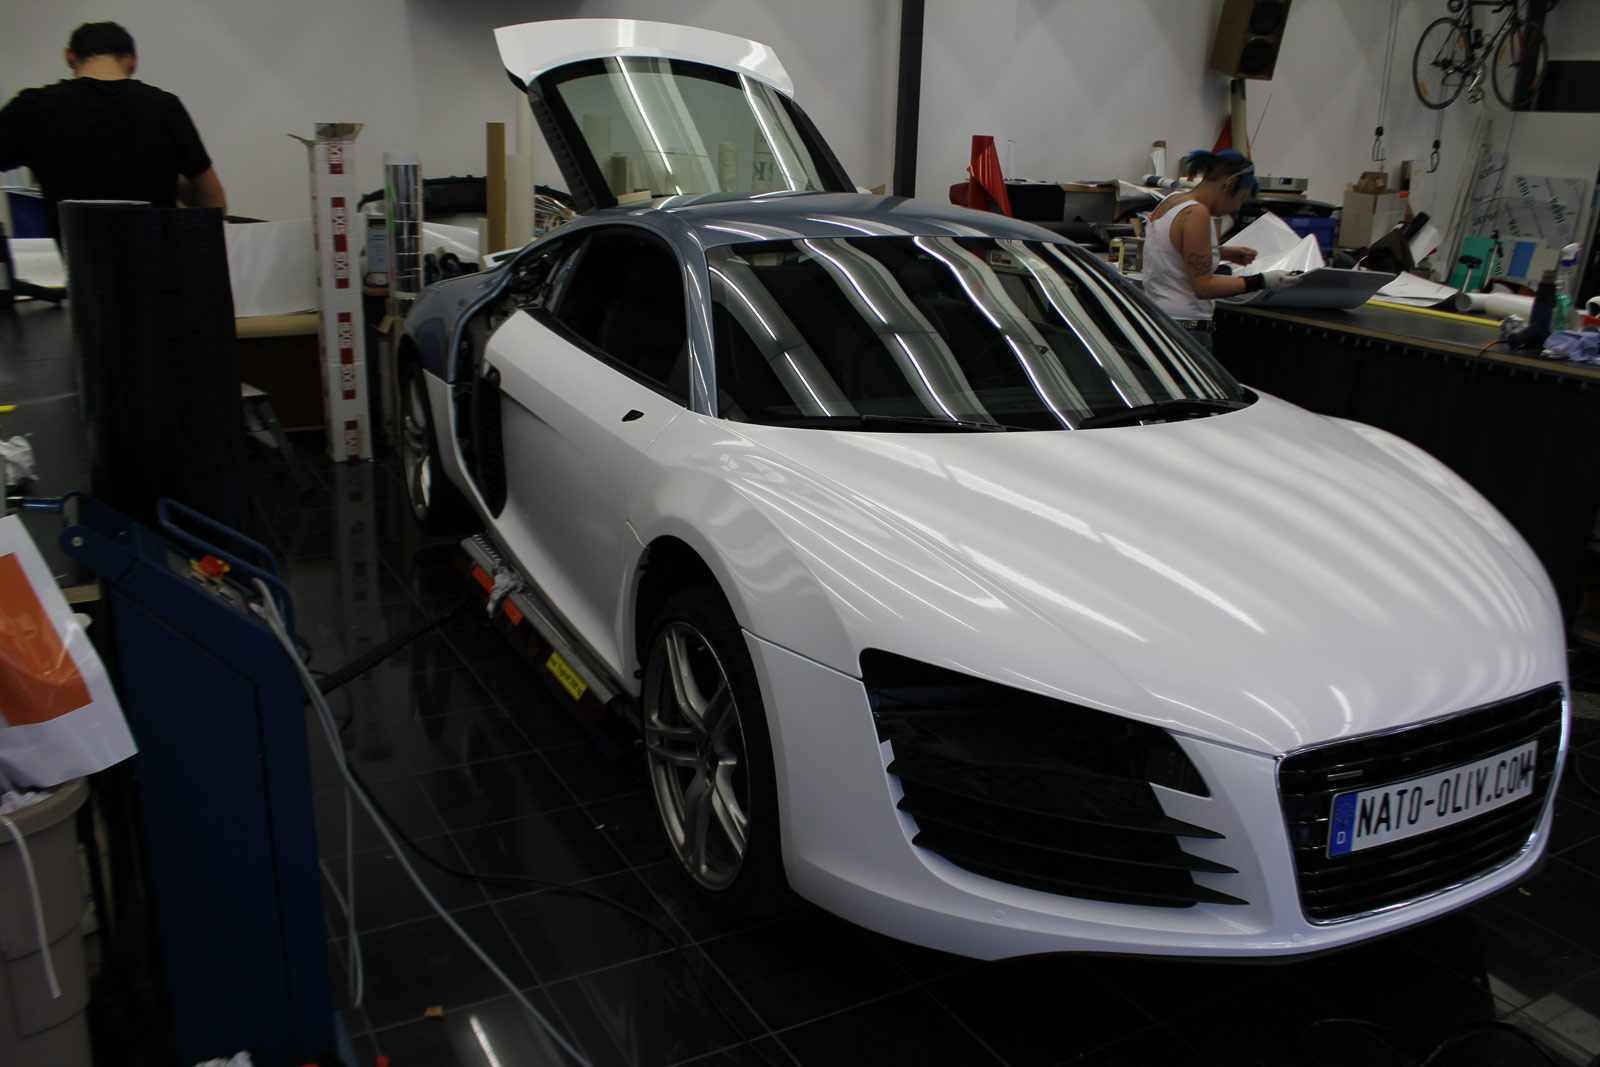 Audi_R8_Folierung_Weiß_Glanz_Union_Jack_Flagge_13